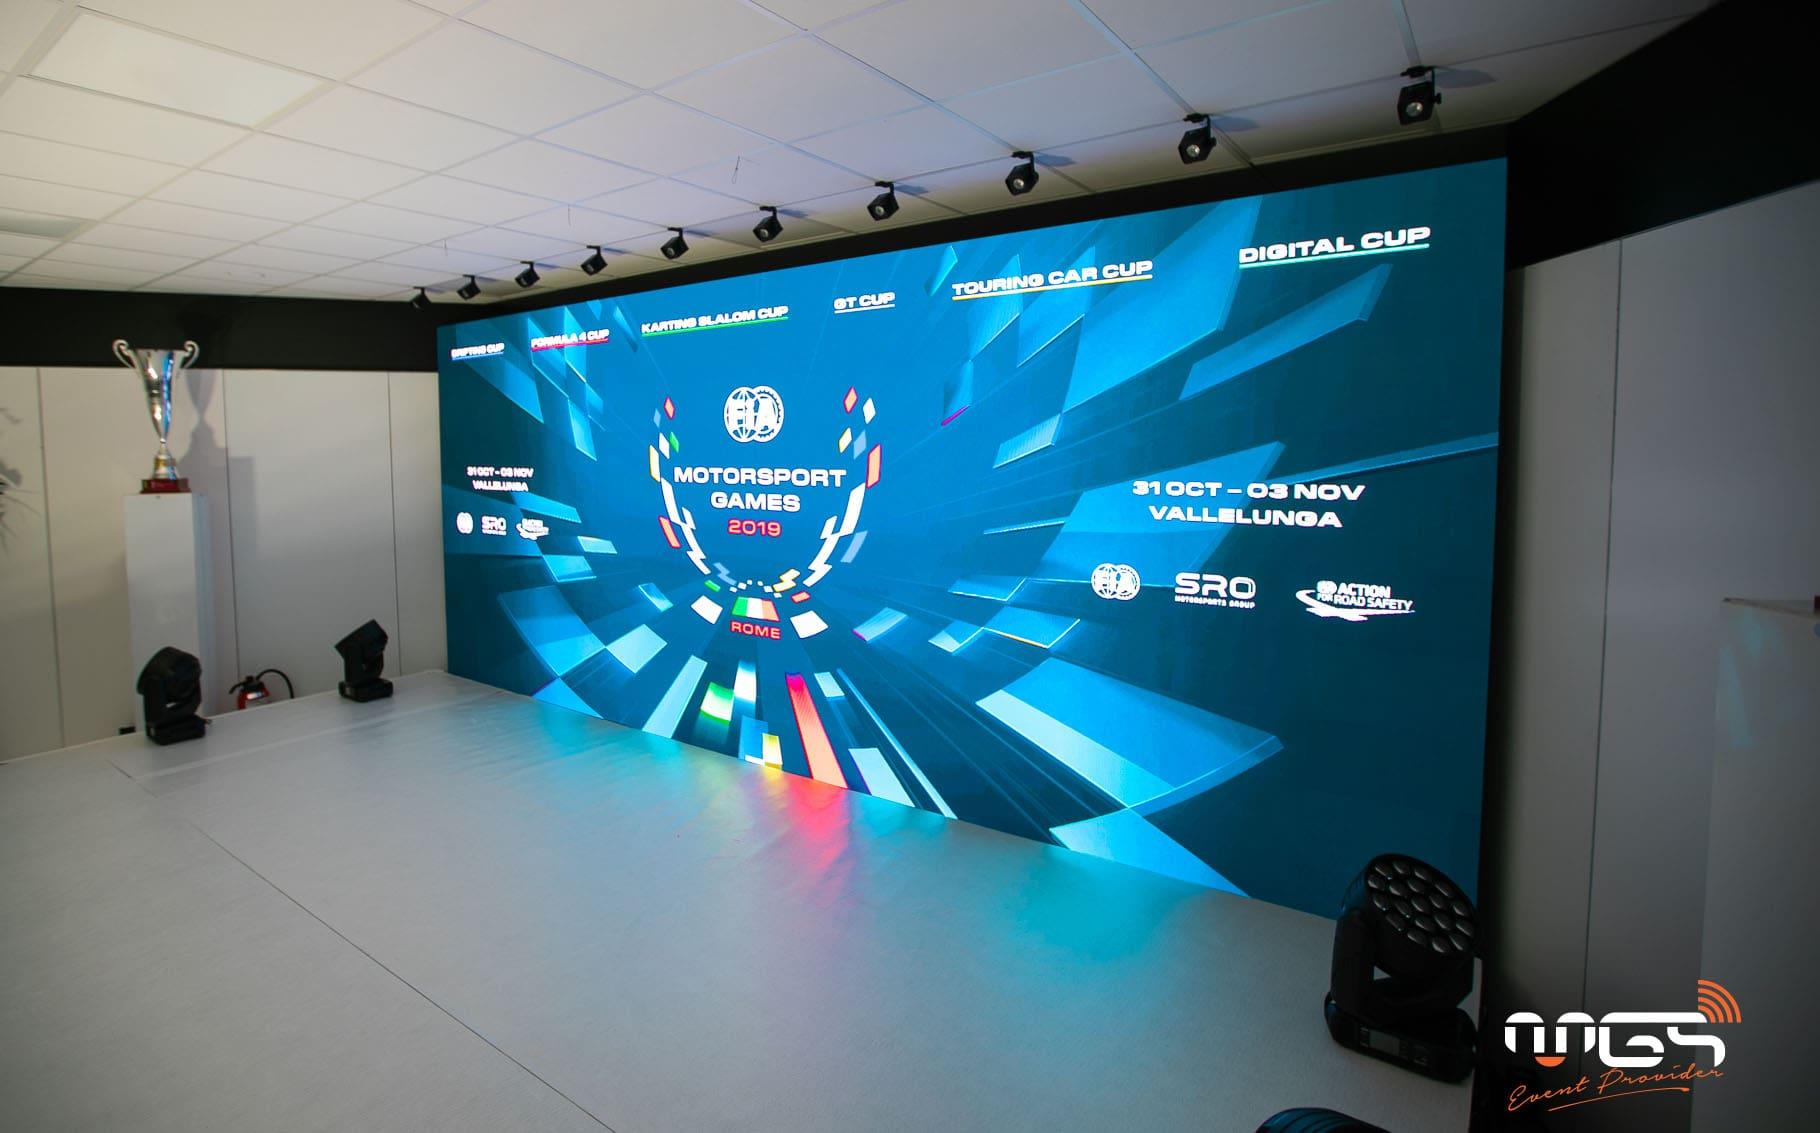 Aménagement, mise en lumière et sonorisation de la conférence de presse SRO par MGS lors des 24H de Spa.